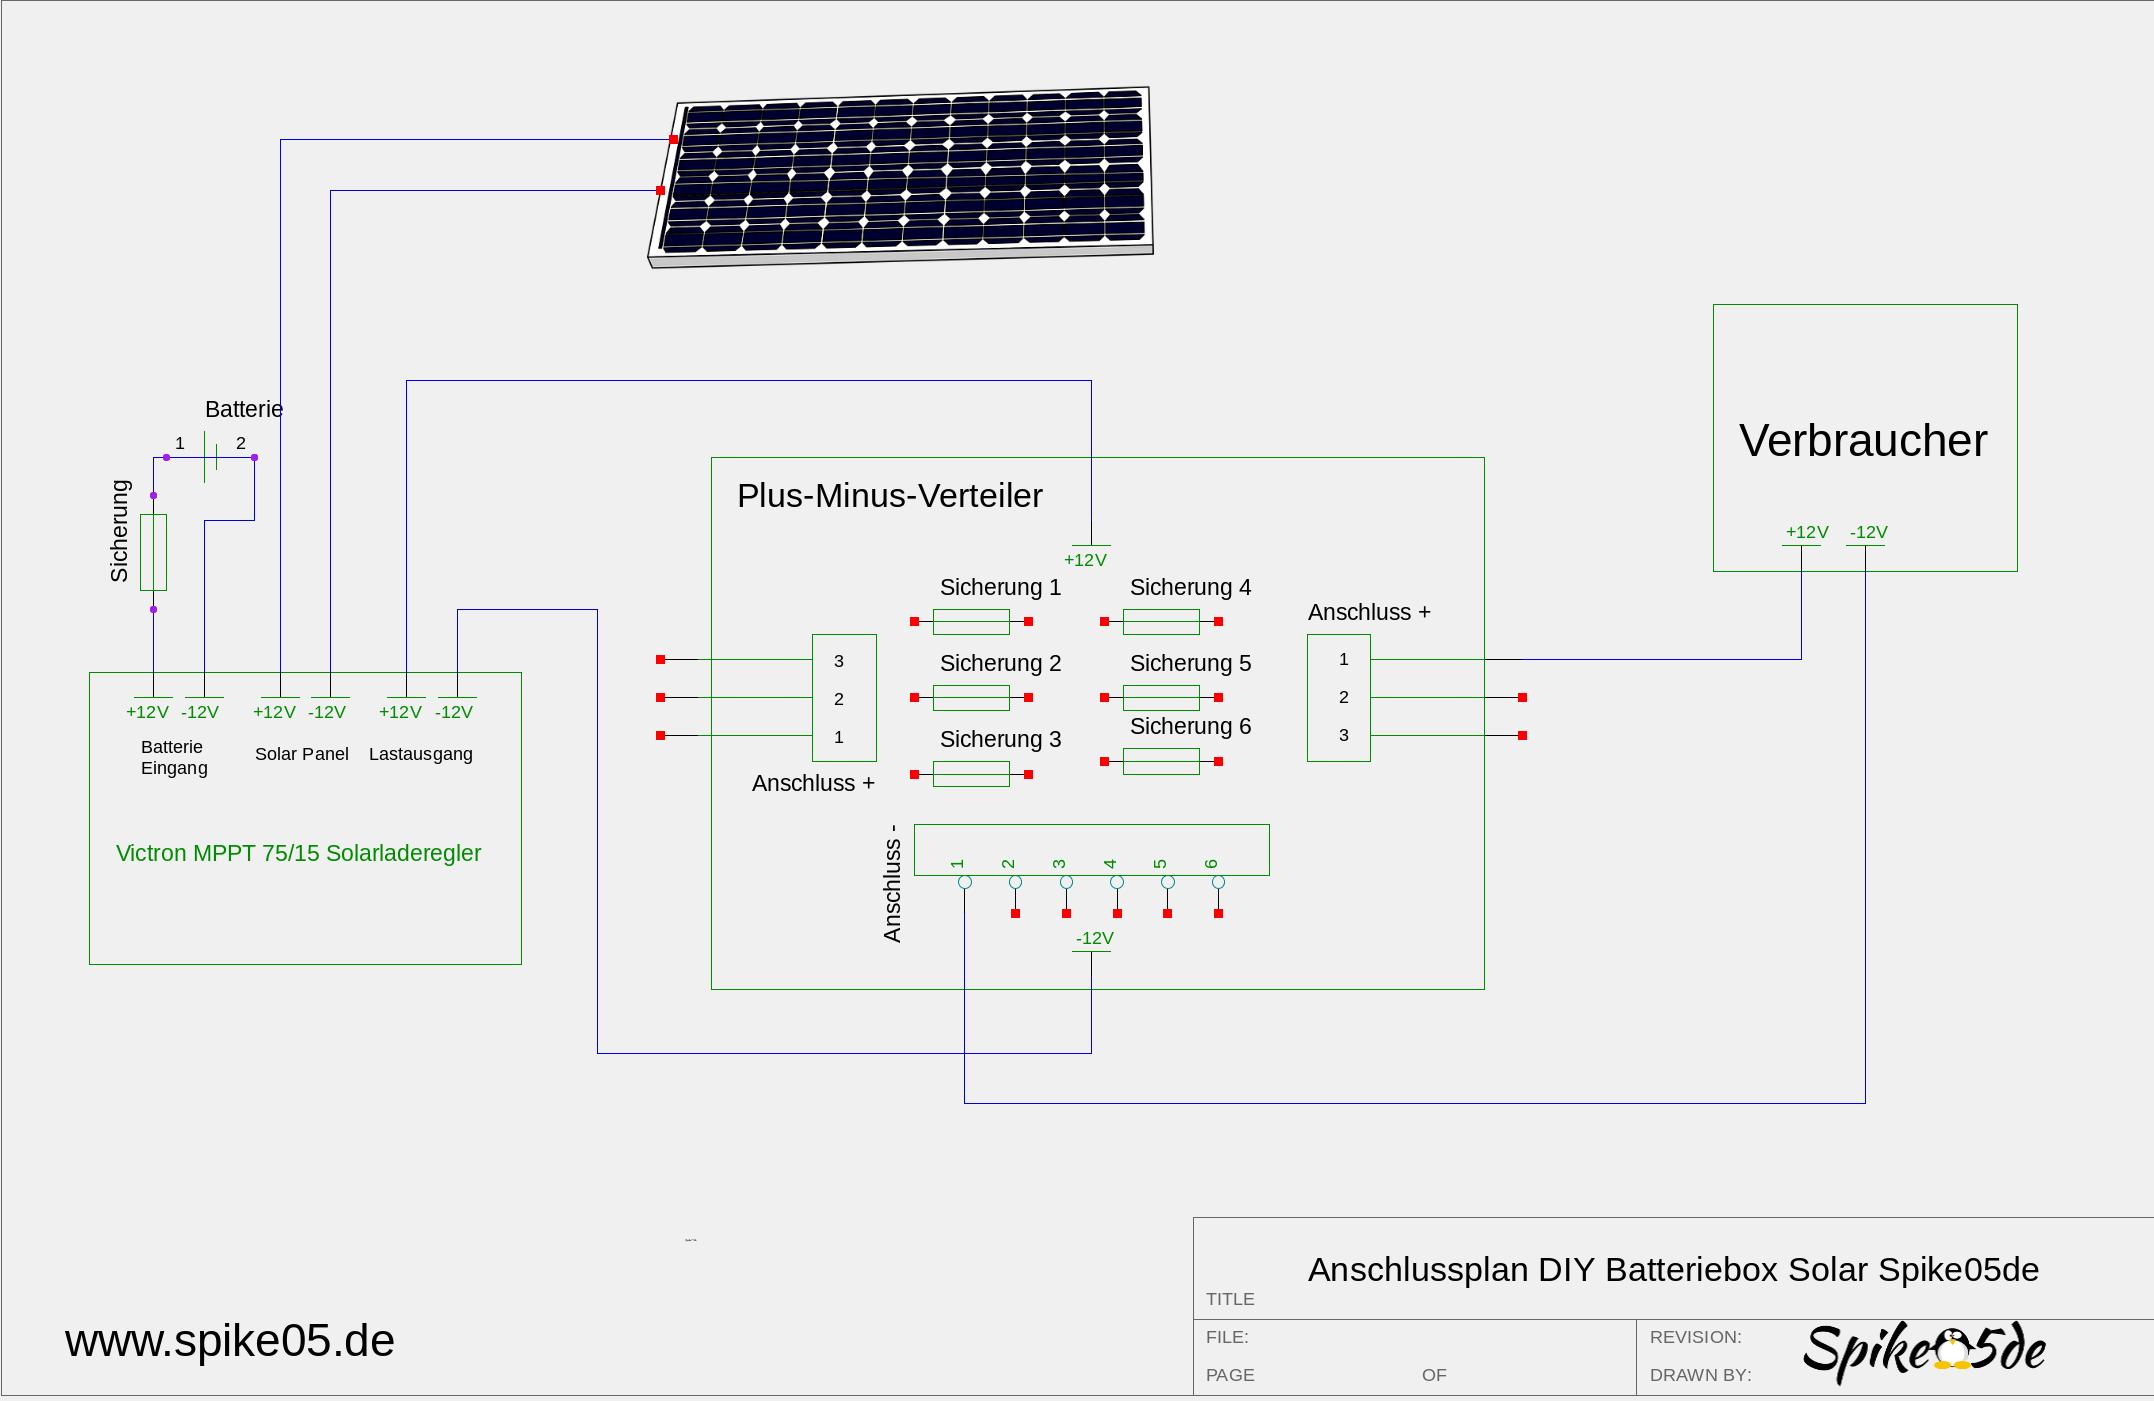 Anschlussplan DIY Batteriebox mit Victron MPPT 75/15 und Offgridtec 120 W faltbares Solarmodul FSP-2